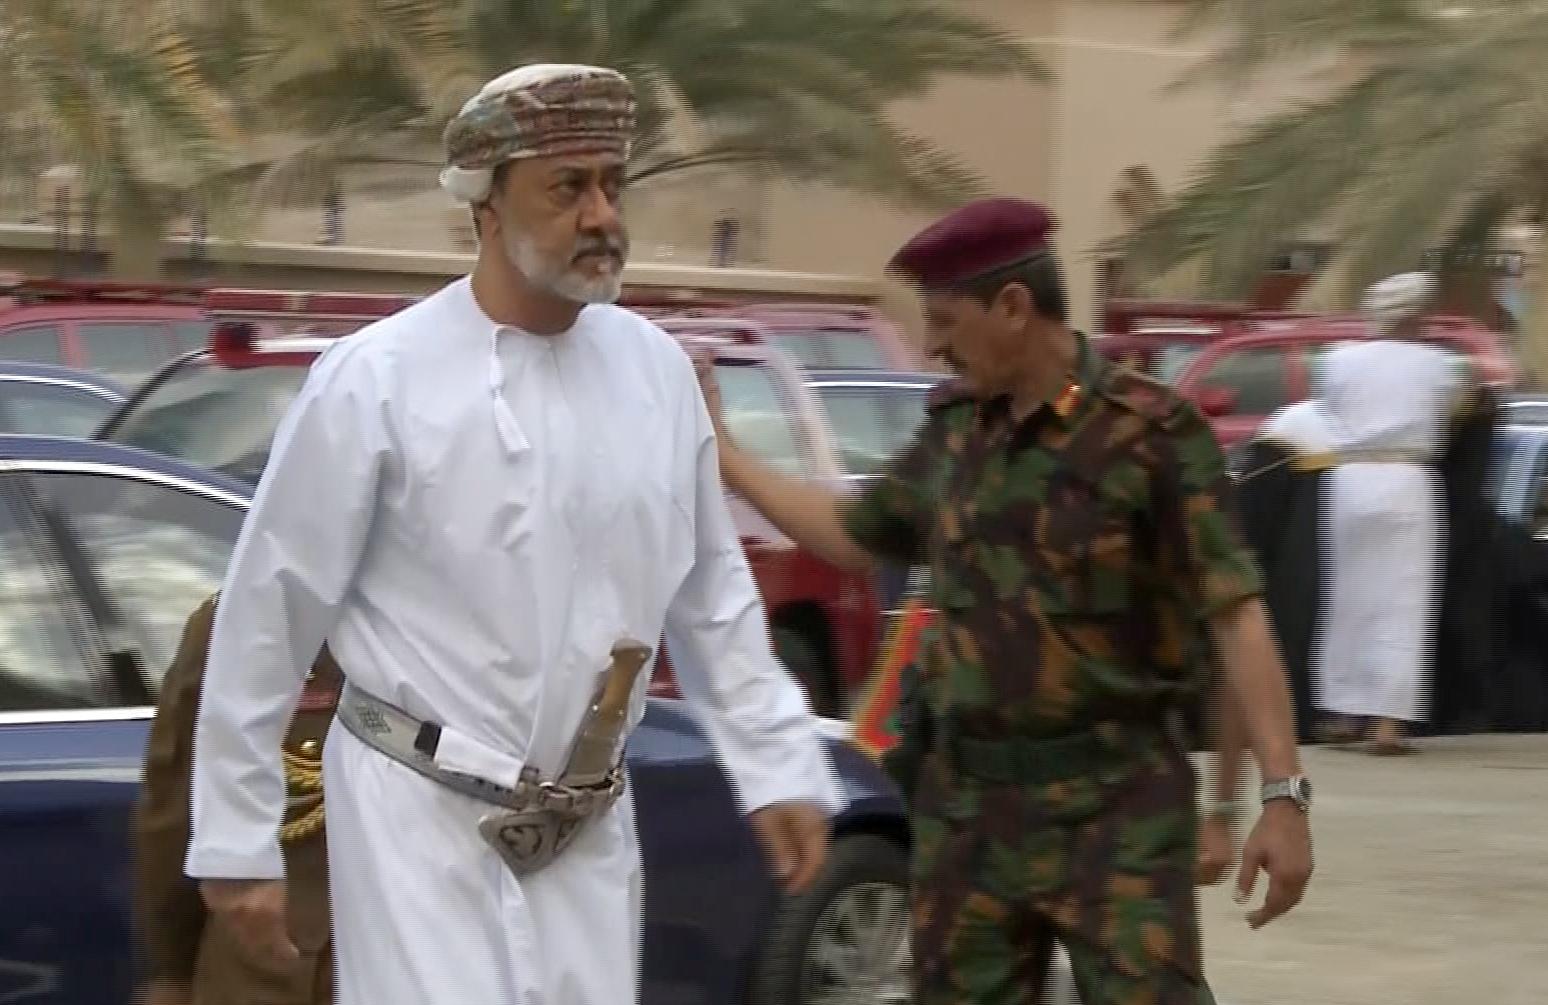 توجيه عاجل وصادم من السلطان هيثم بن طارق بسبب كارثة تهدد سلطنة عمان